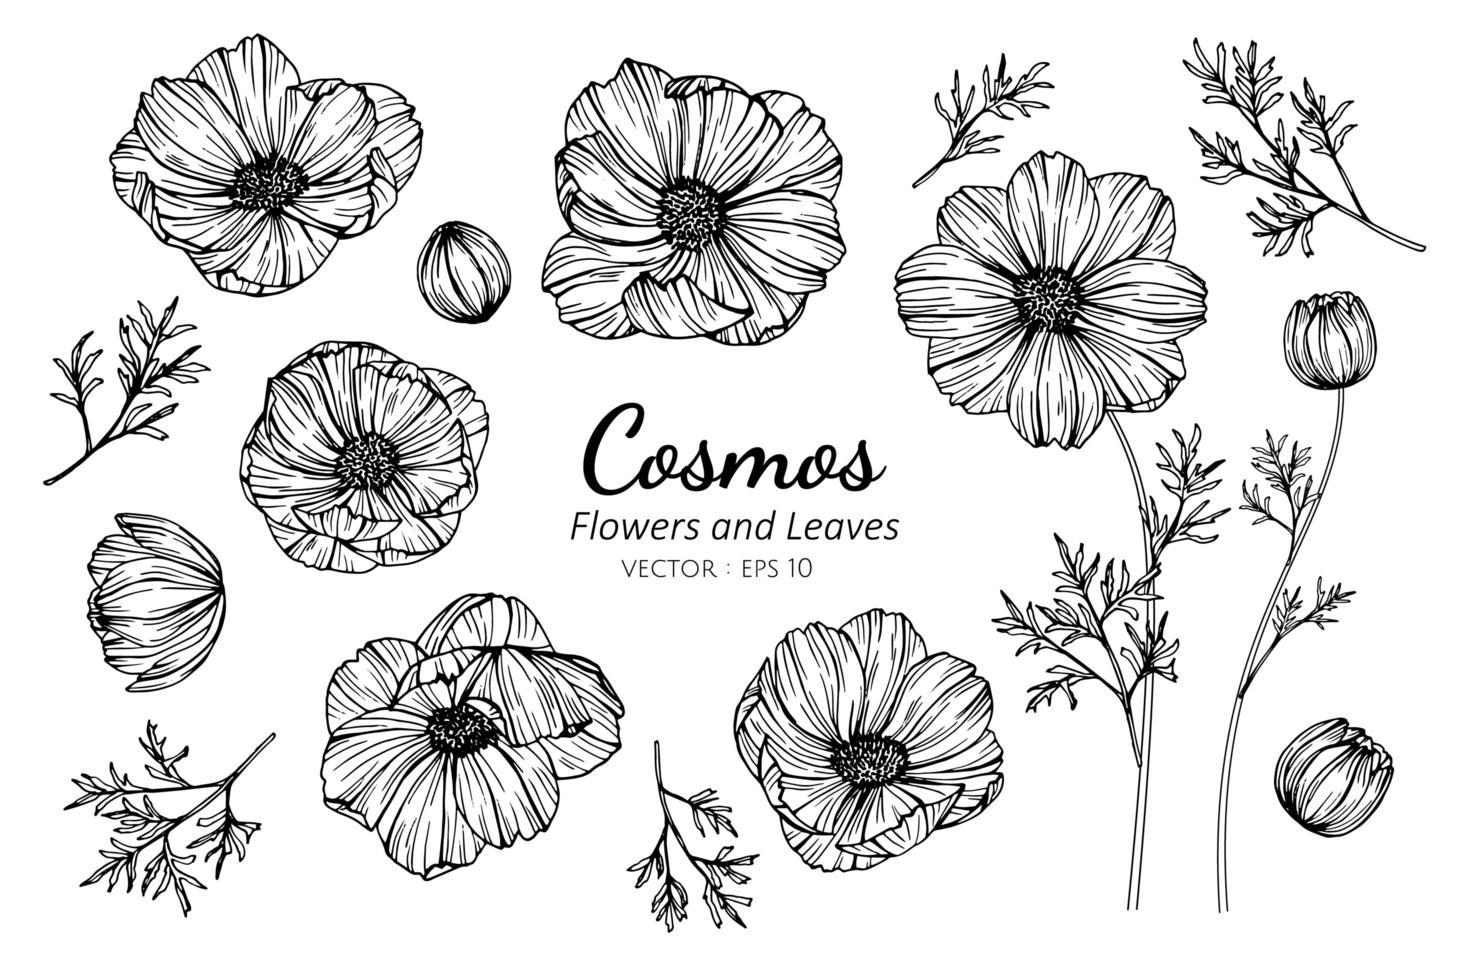 collection de fleurs et de feuilles de cosmos vecteur